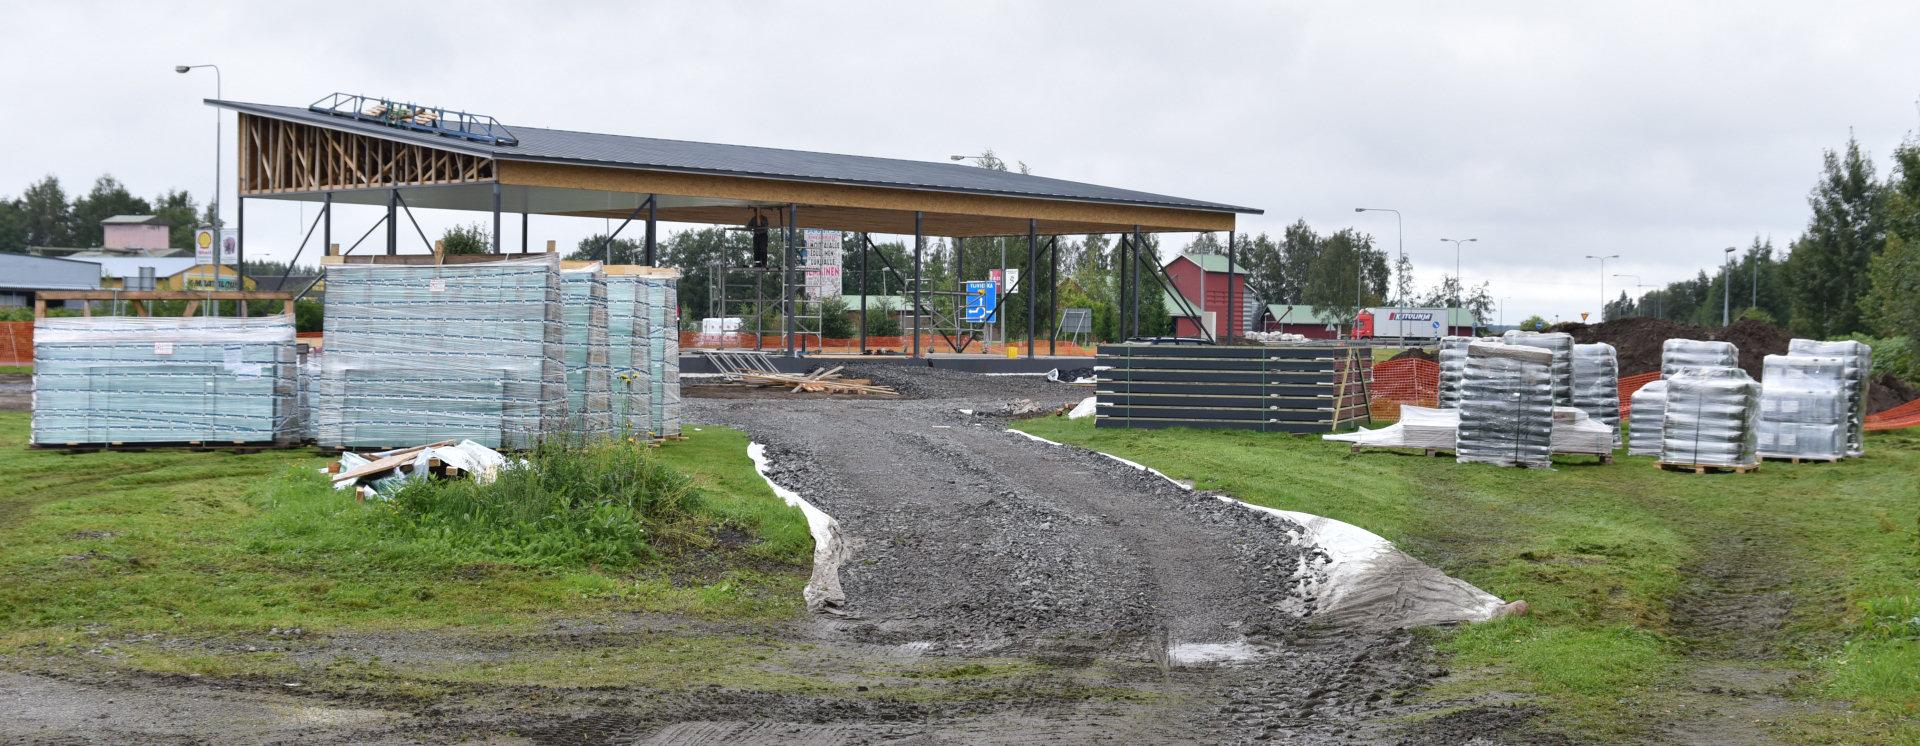 Kauhavan lentokonepuiston rakennustyömaa. Kuva: Timo Telen.